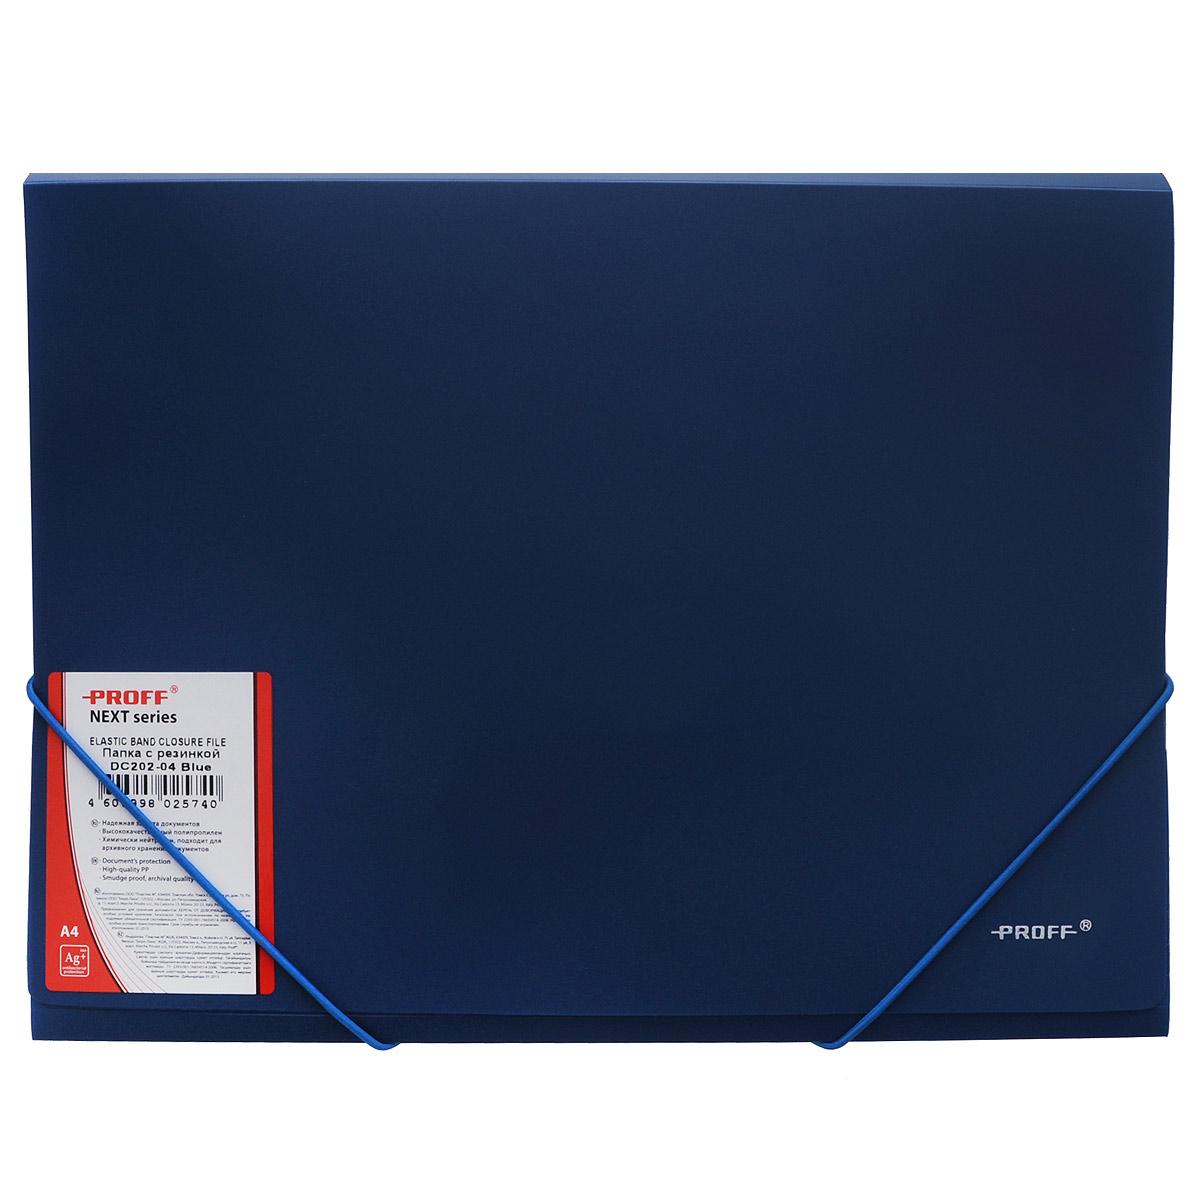 Папка на резинке Proff Next, ширина корешка 20 мм, цвет: синий. Формат А4FS-36052Папка на резинке Proff Next - это удобный и функциональный офисный инструмент, предназначенный для хранения и транспортировки рабочих бумаг и документов формата А4.Папка изготовлена из износостойкого высококачественного полипропилена. Внутри папка имеет три клапана, что обеспечивает надежную фиксацию бумаг и документов.Папка - это незаменимый атрибут для студента, школьника, офисного работника. Такая папка надежно сохранит ваши документы и сбережет их от повреждений, пыли и влаги.